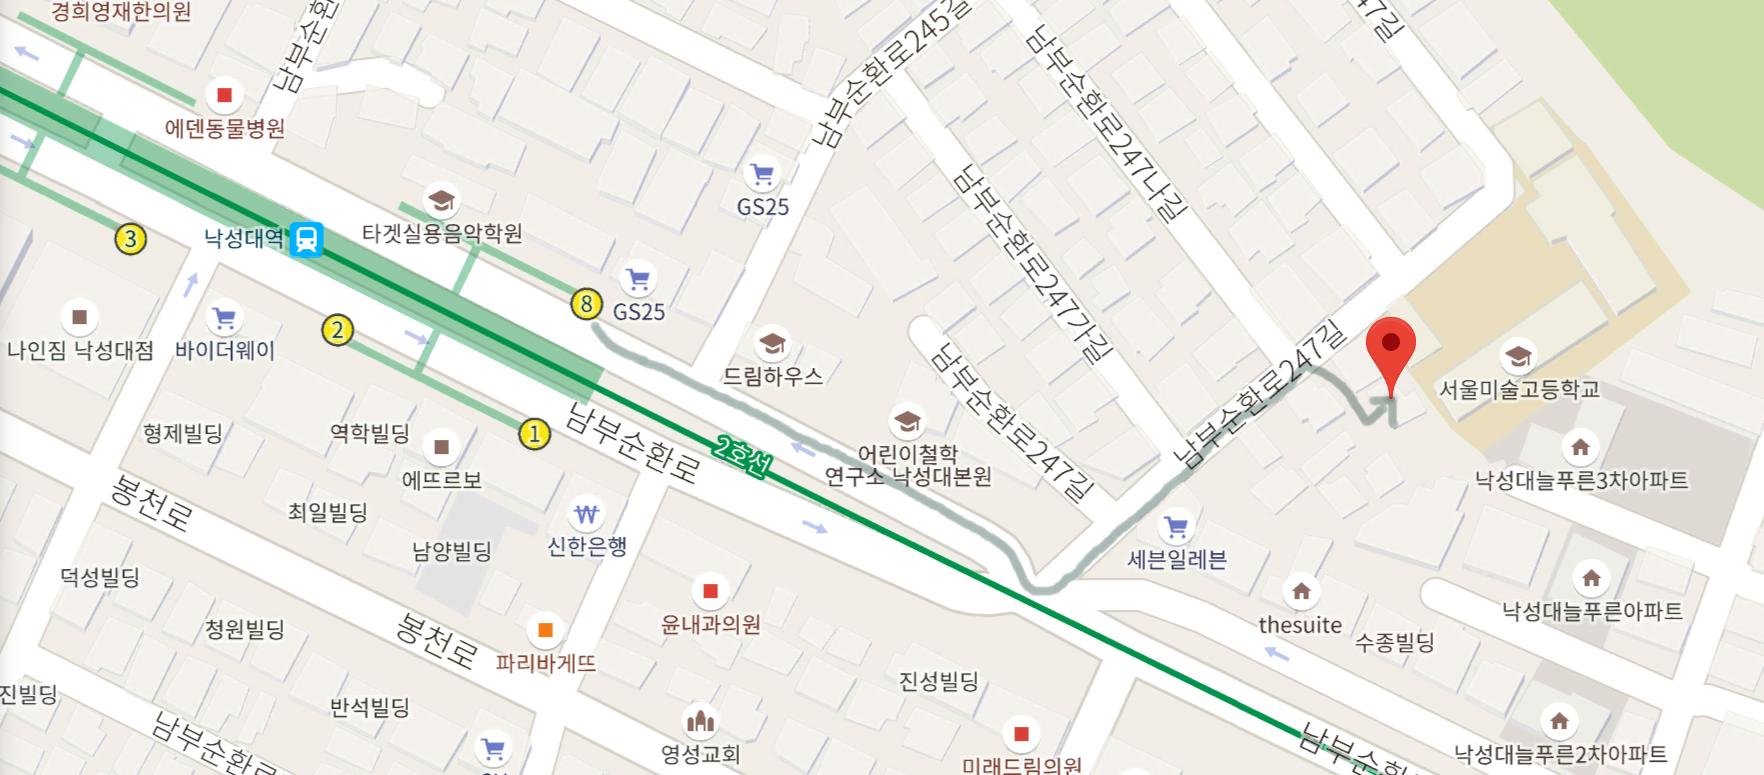 만남의 집 지도.png